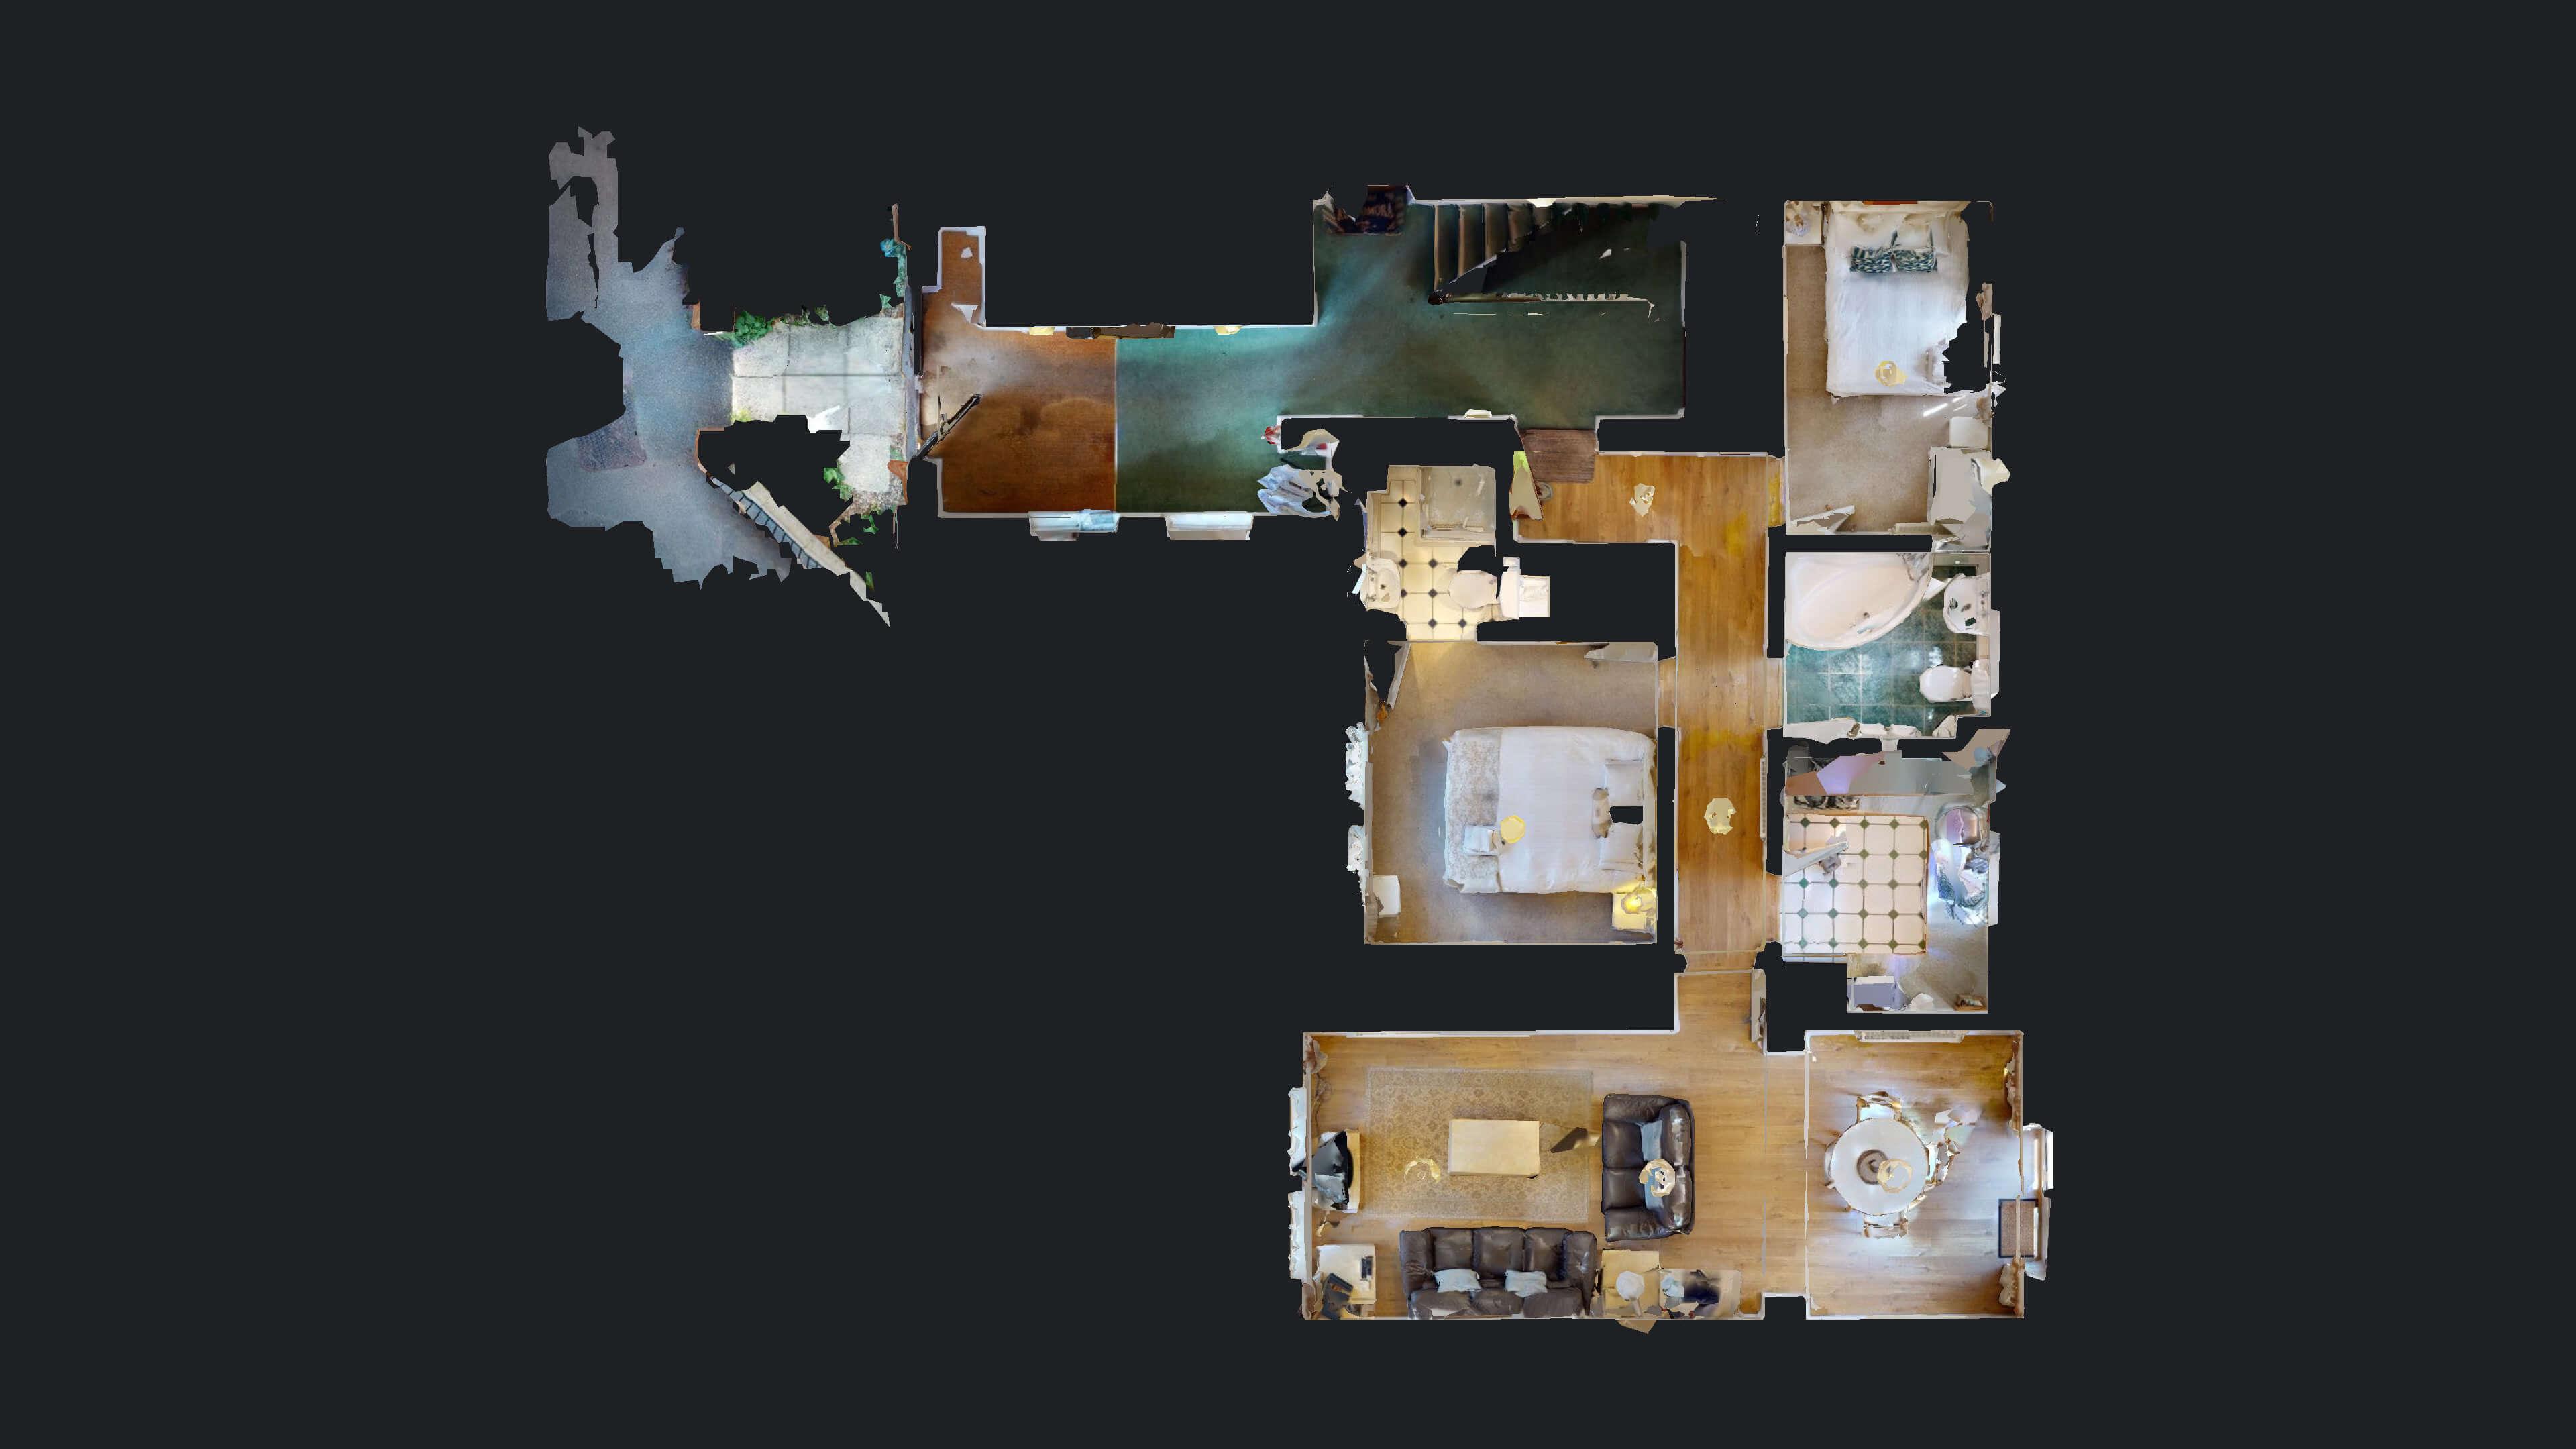 Rewley Road Oxford 2 Bed Rewley Road Floor Plan